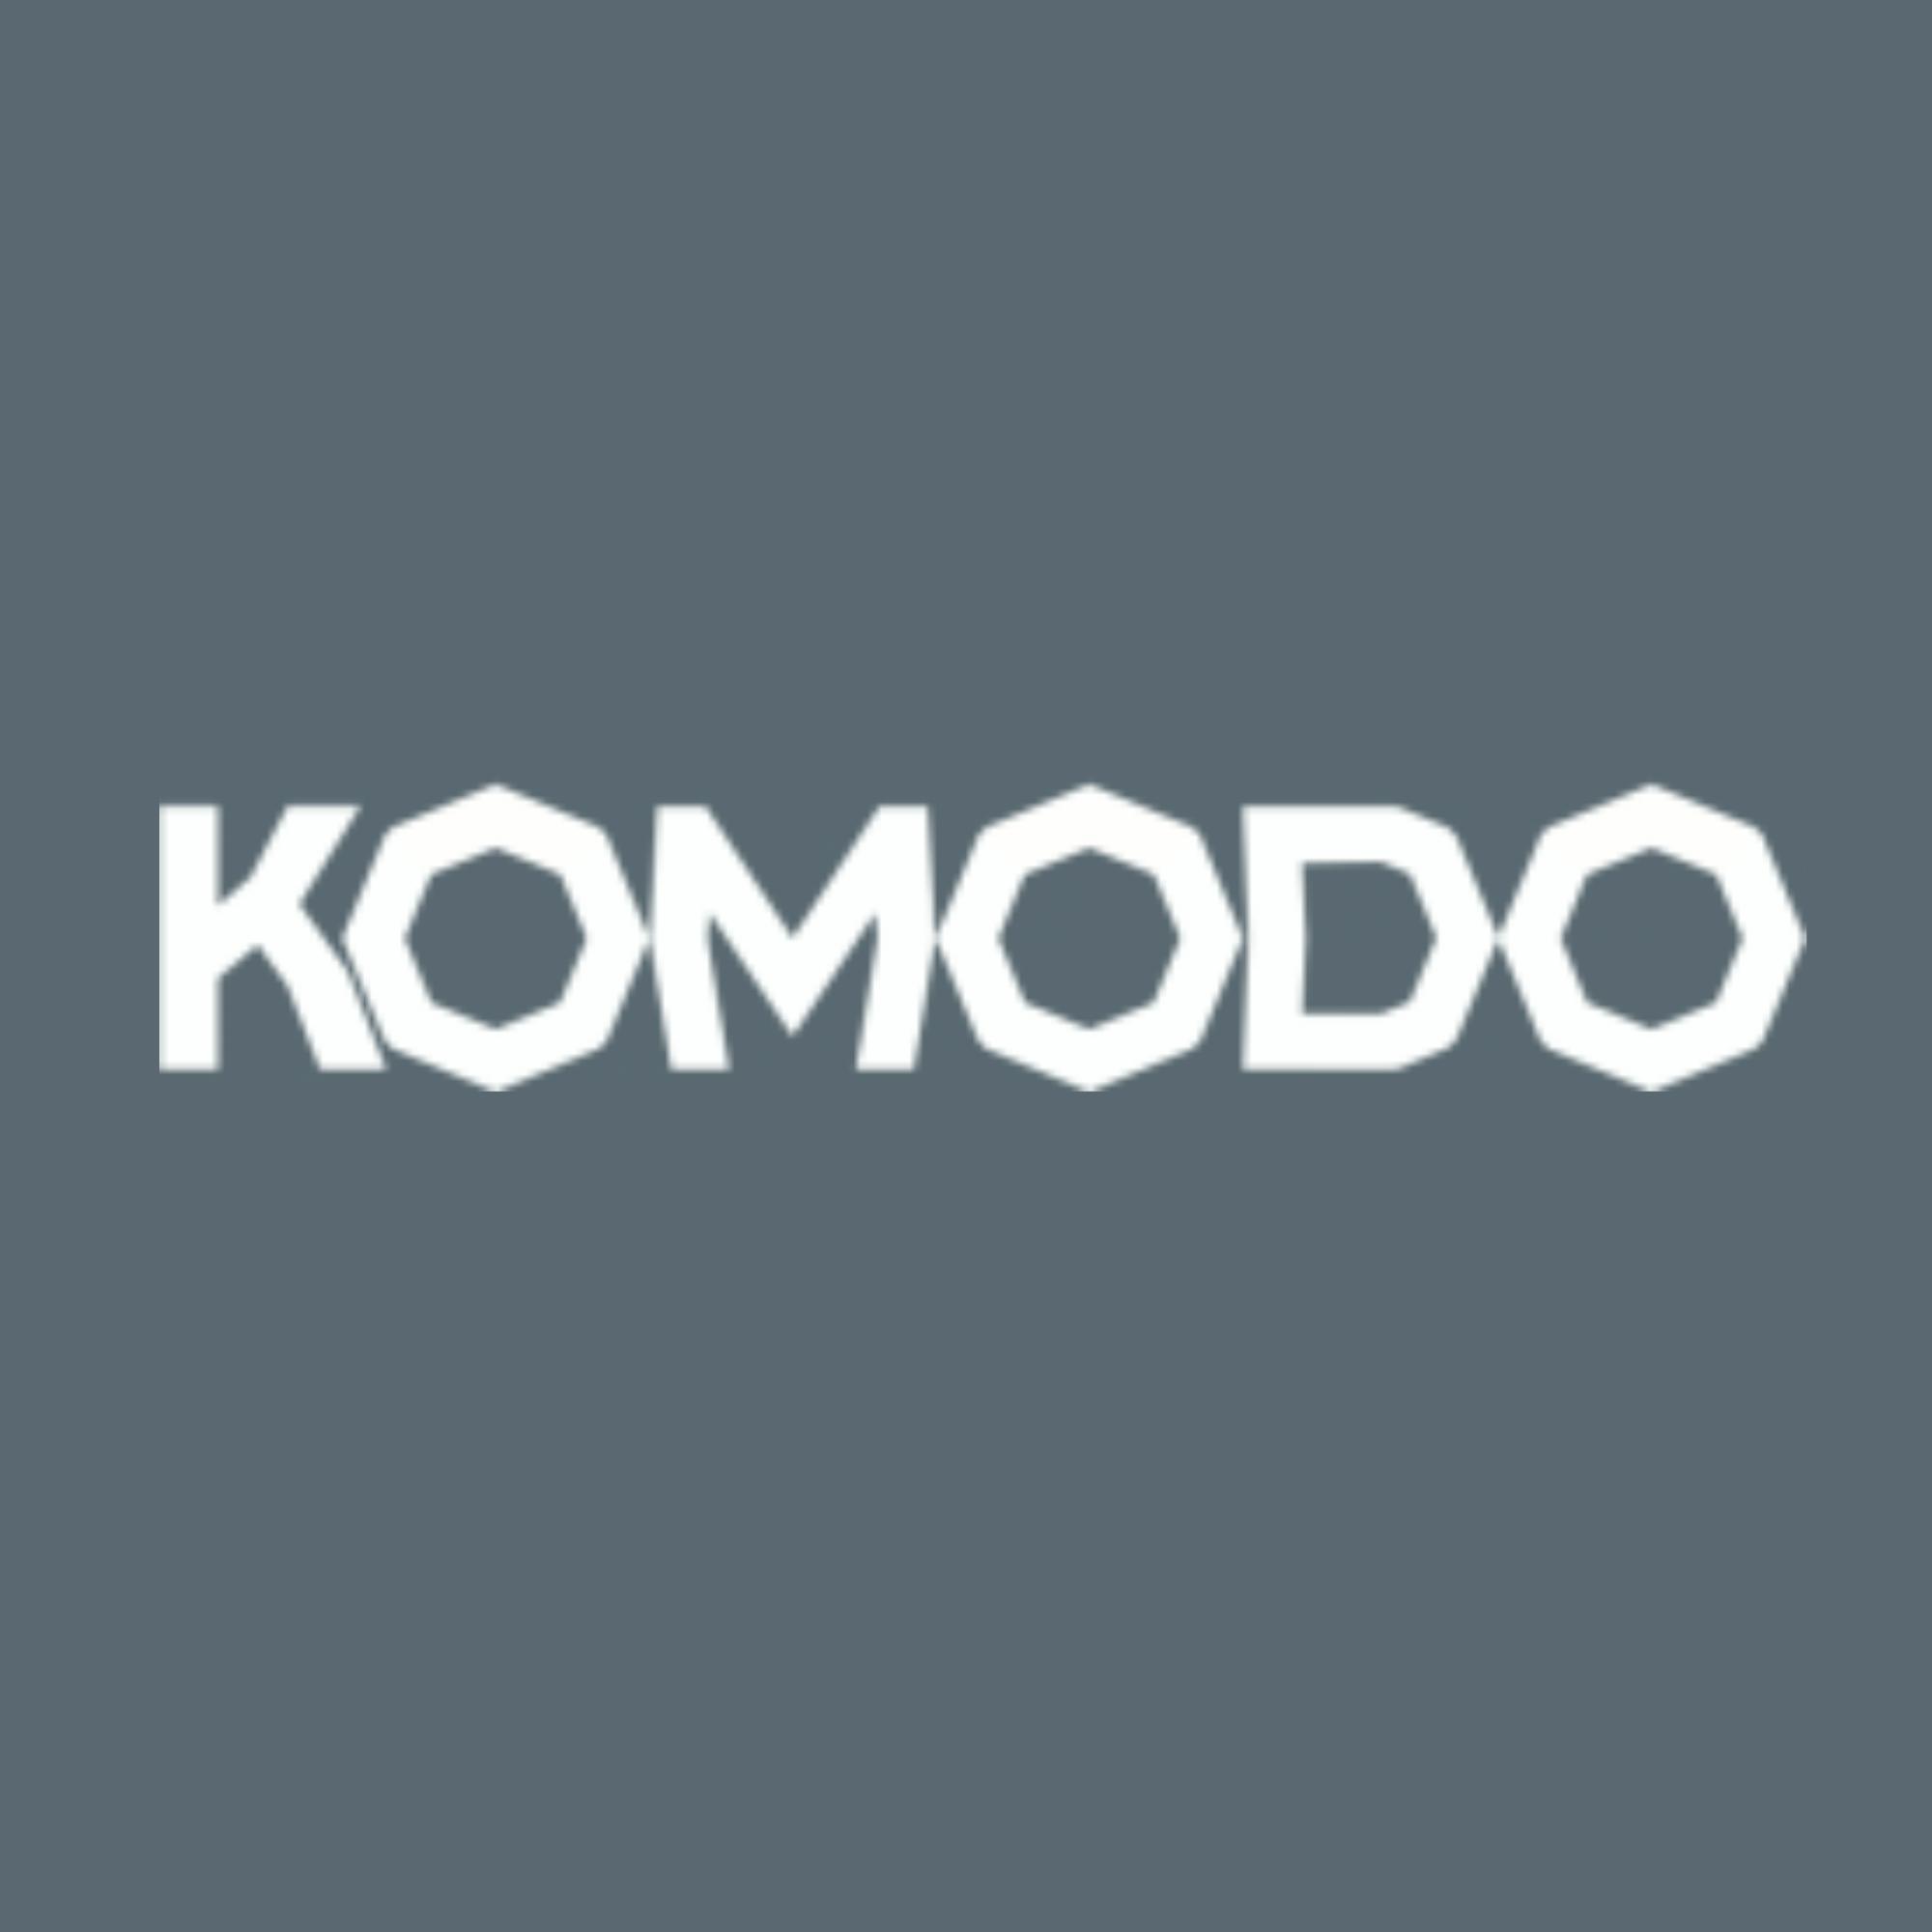 blue - komodo.jpg